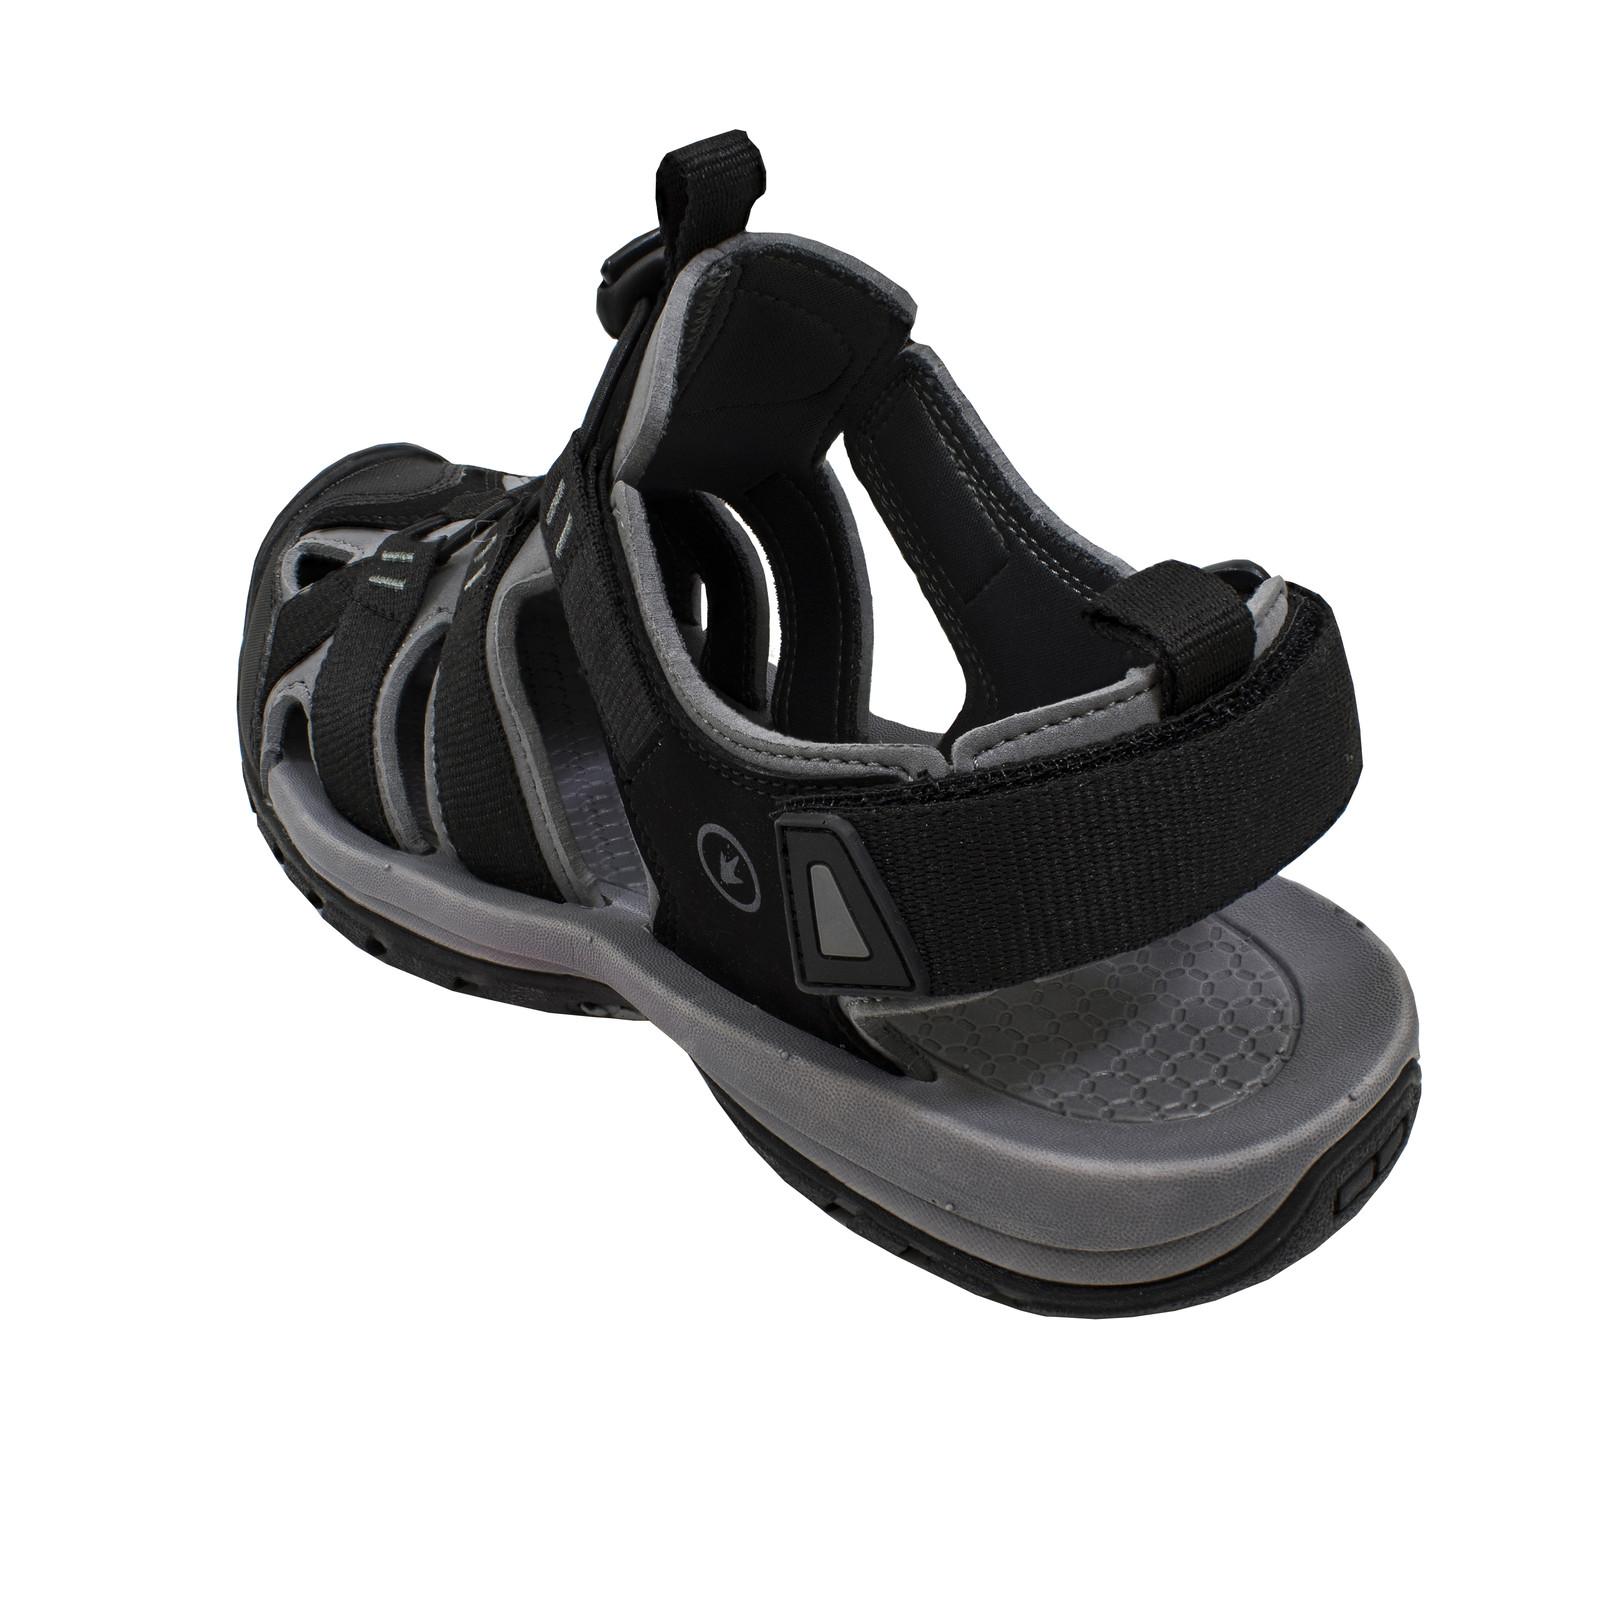 River Sandal Shoe Black-large